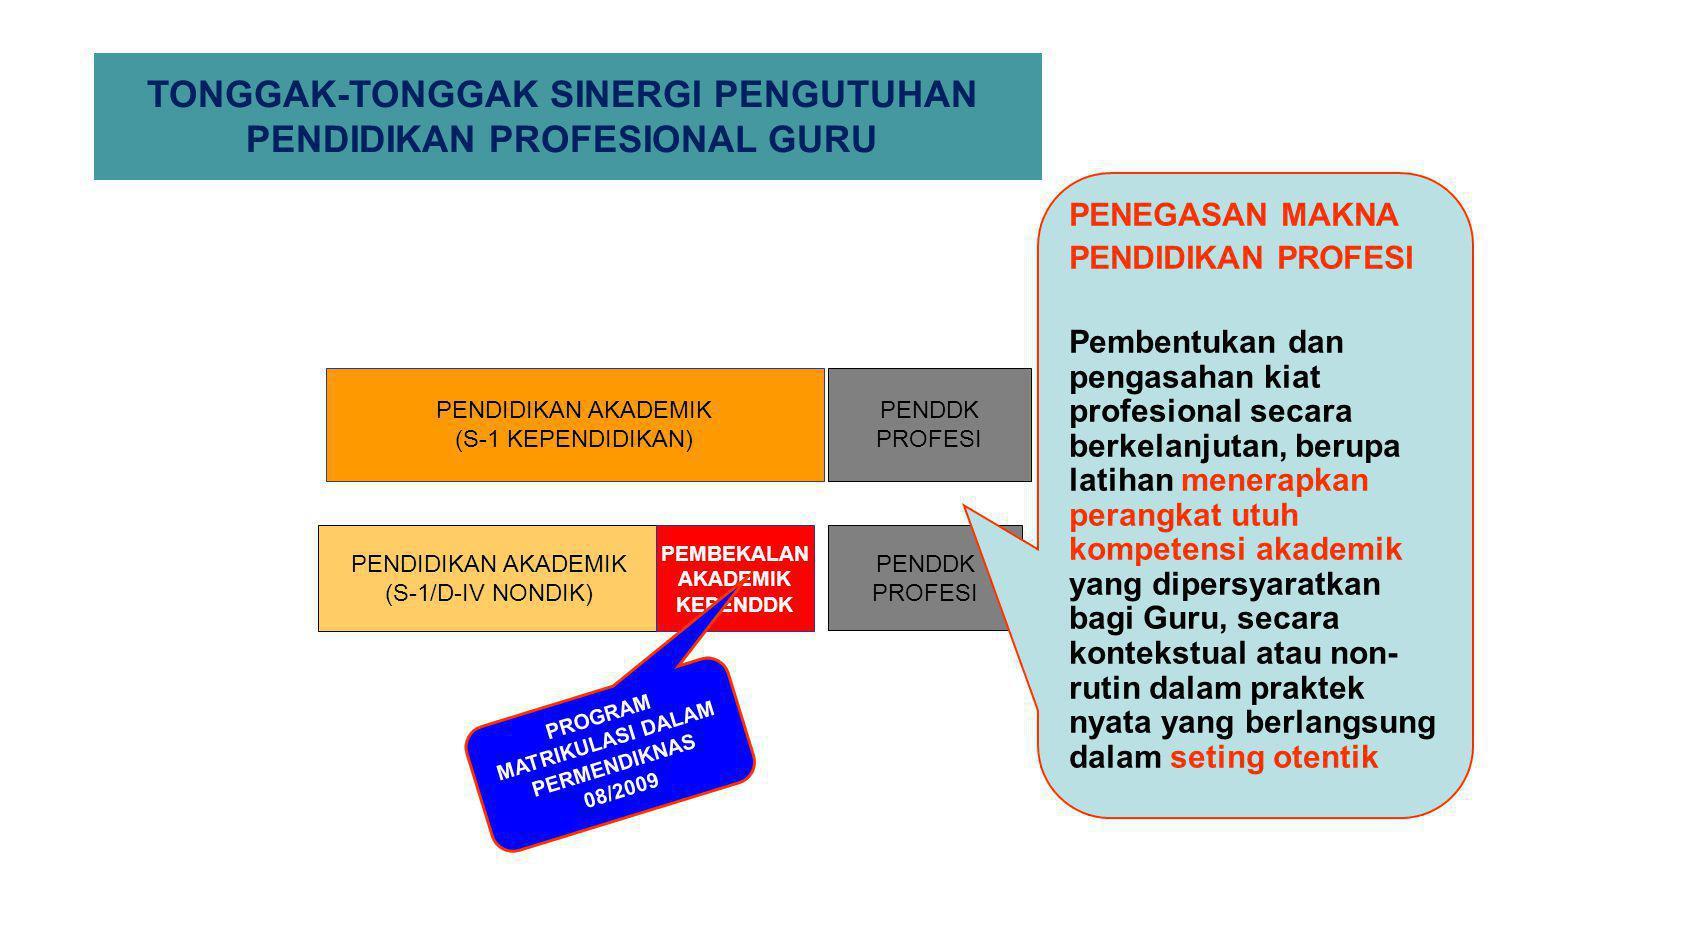 PENDIDIKAN PROFESI Penjelasan Pasal 15 UU No 20/2003 tentang Sistem Pendidikan Nasional menyatakan bahwa pendidikan profesi adalah pendidikan tinggi s